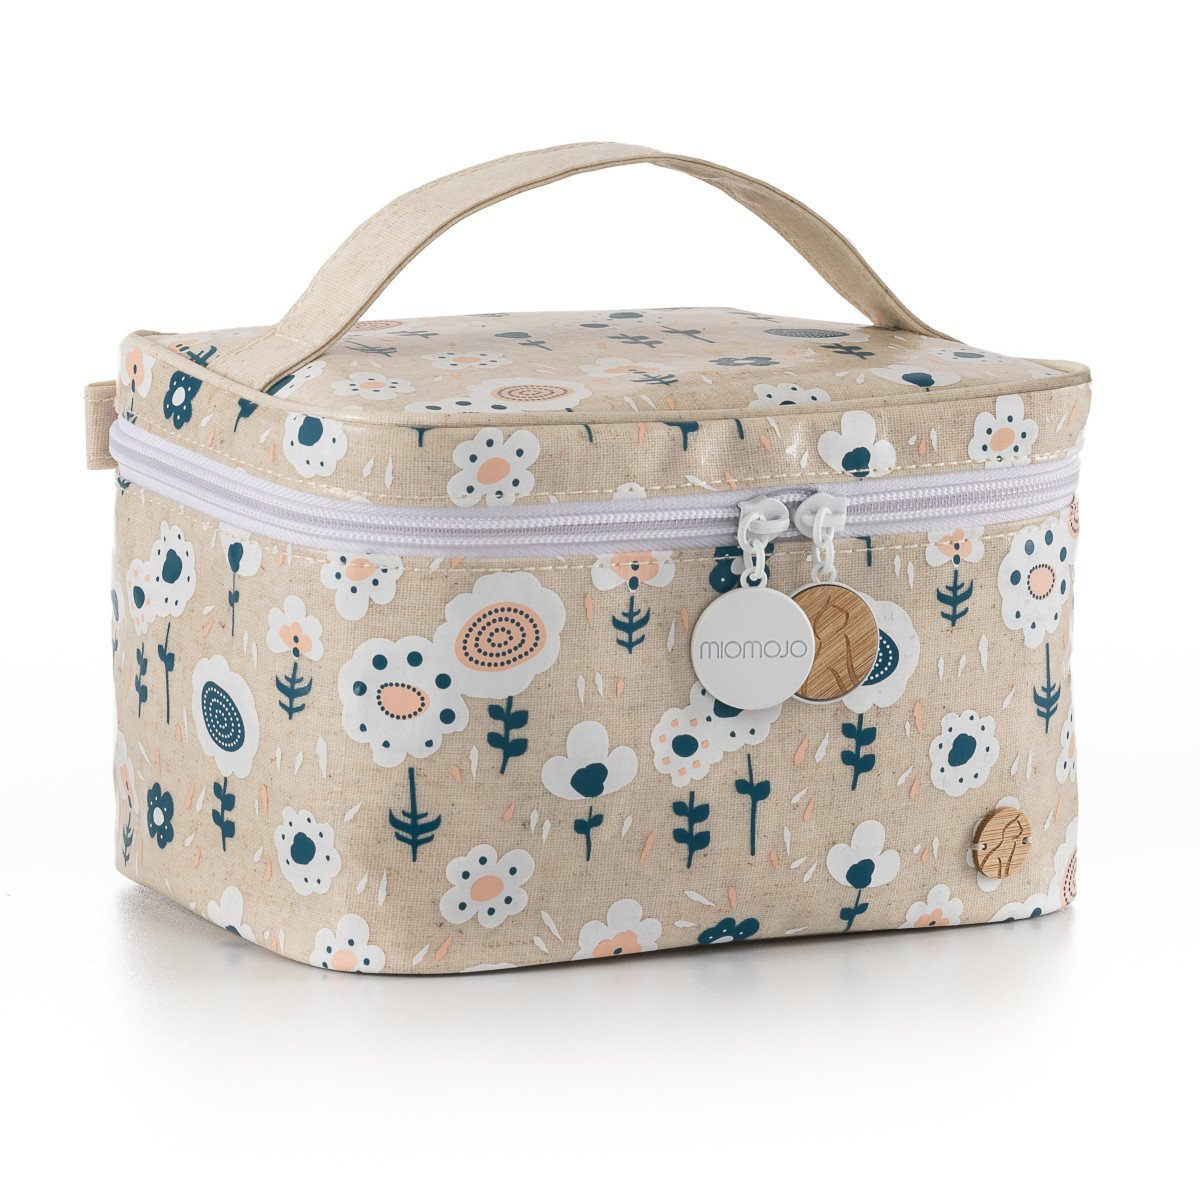 Bolsa de viagem para transportar os seus itens de cosmética e/ou maquilhagem quando viaja.Esta bolsa é impermeável e lavável.